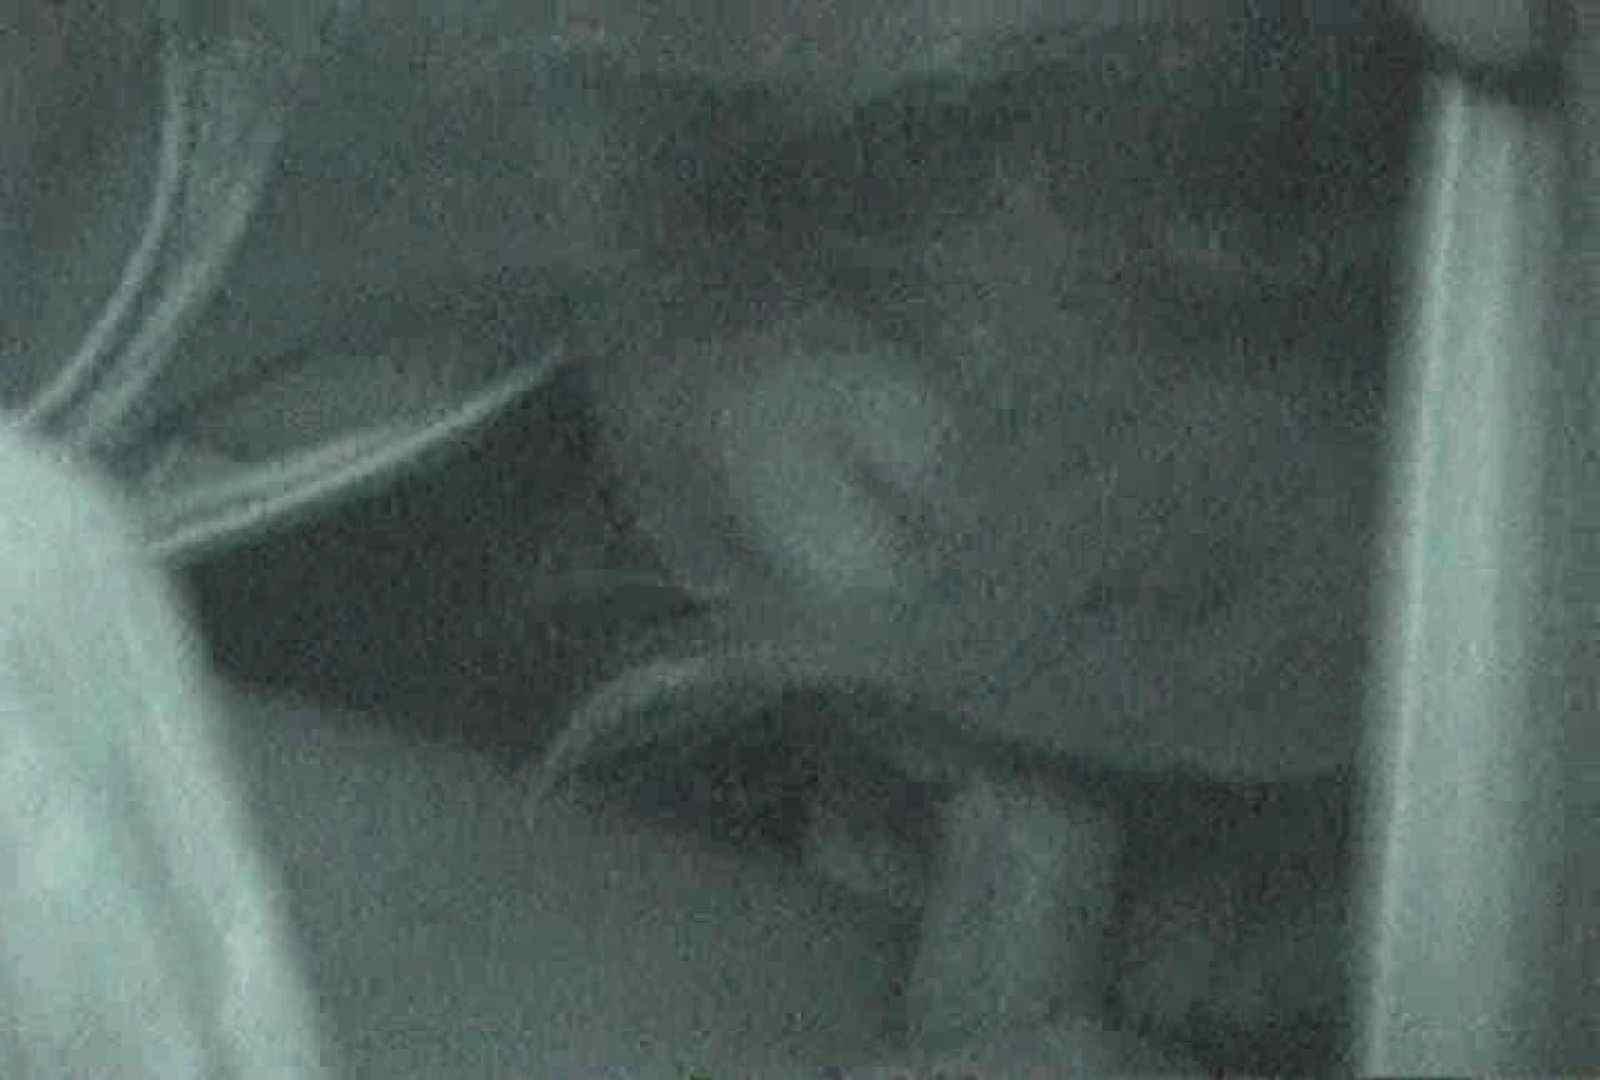 充血監督の深夜の運動会Vol.67 OLエロ画像 盗撮えろ無修正画像 92PICs 26